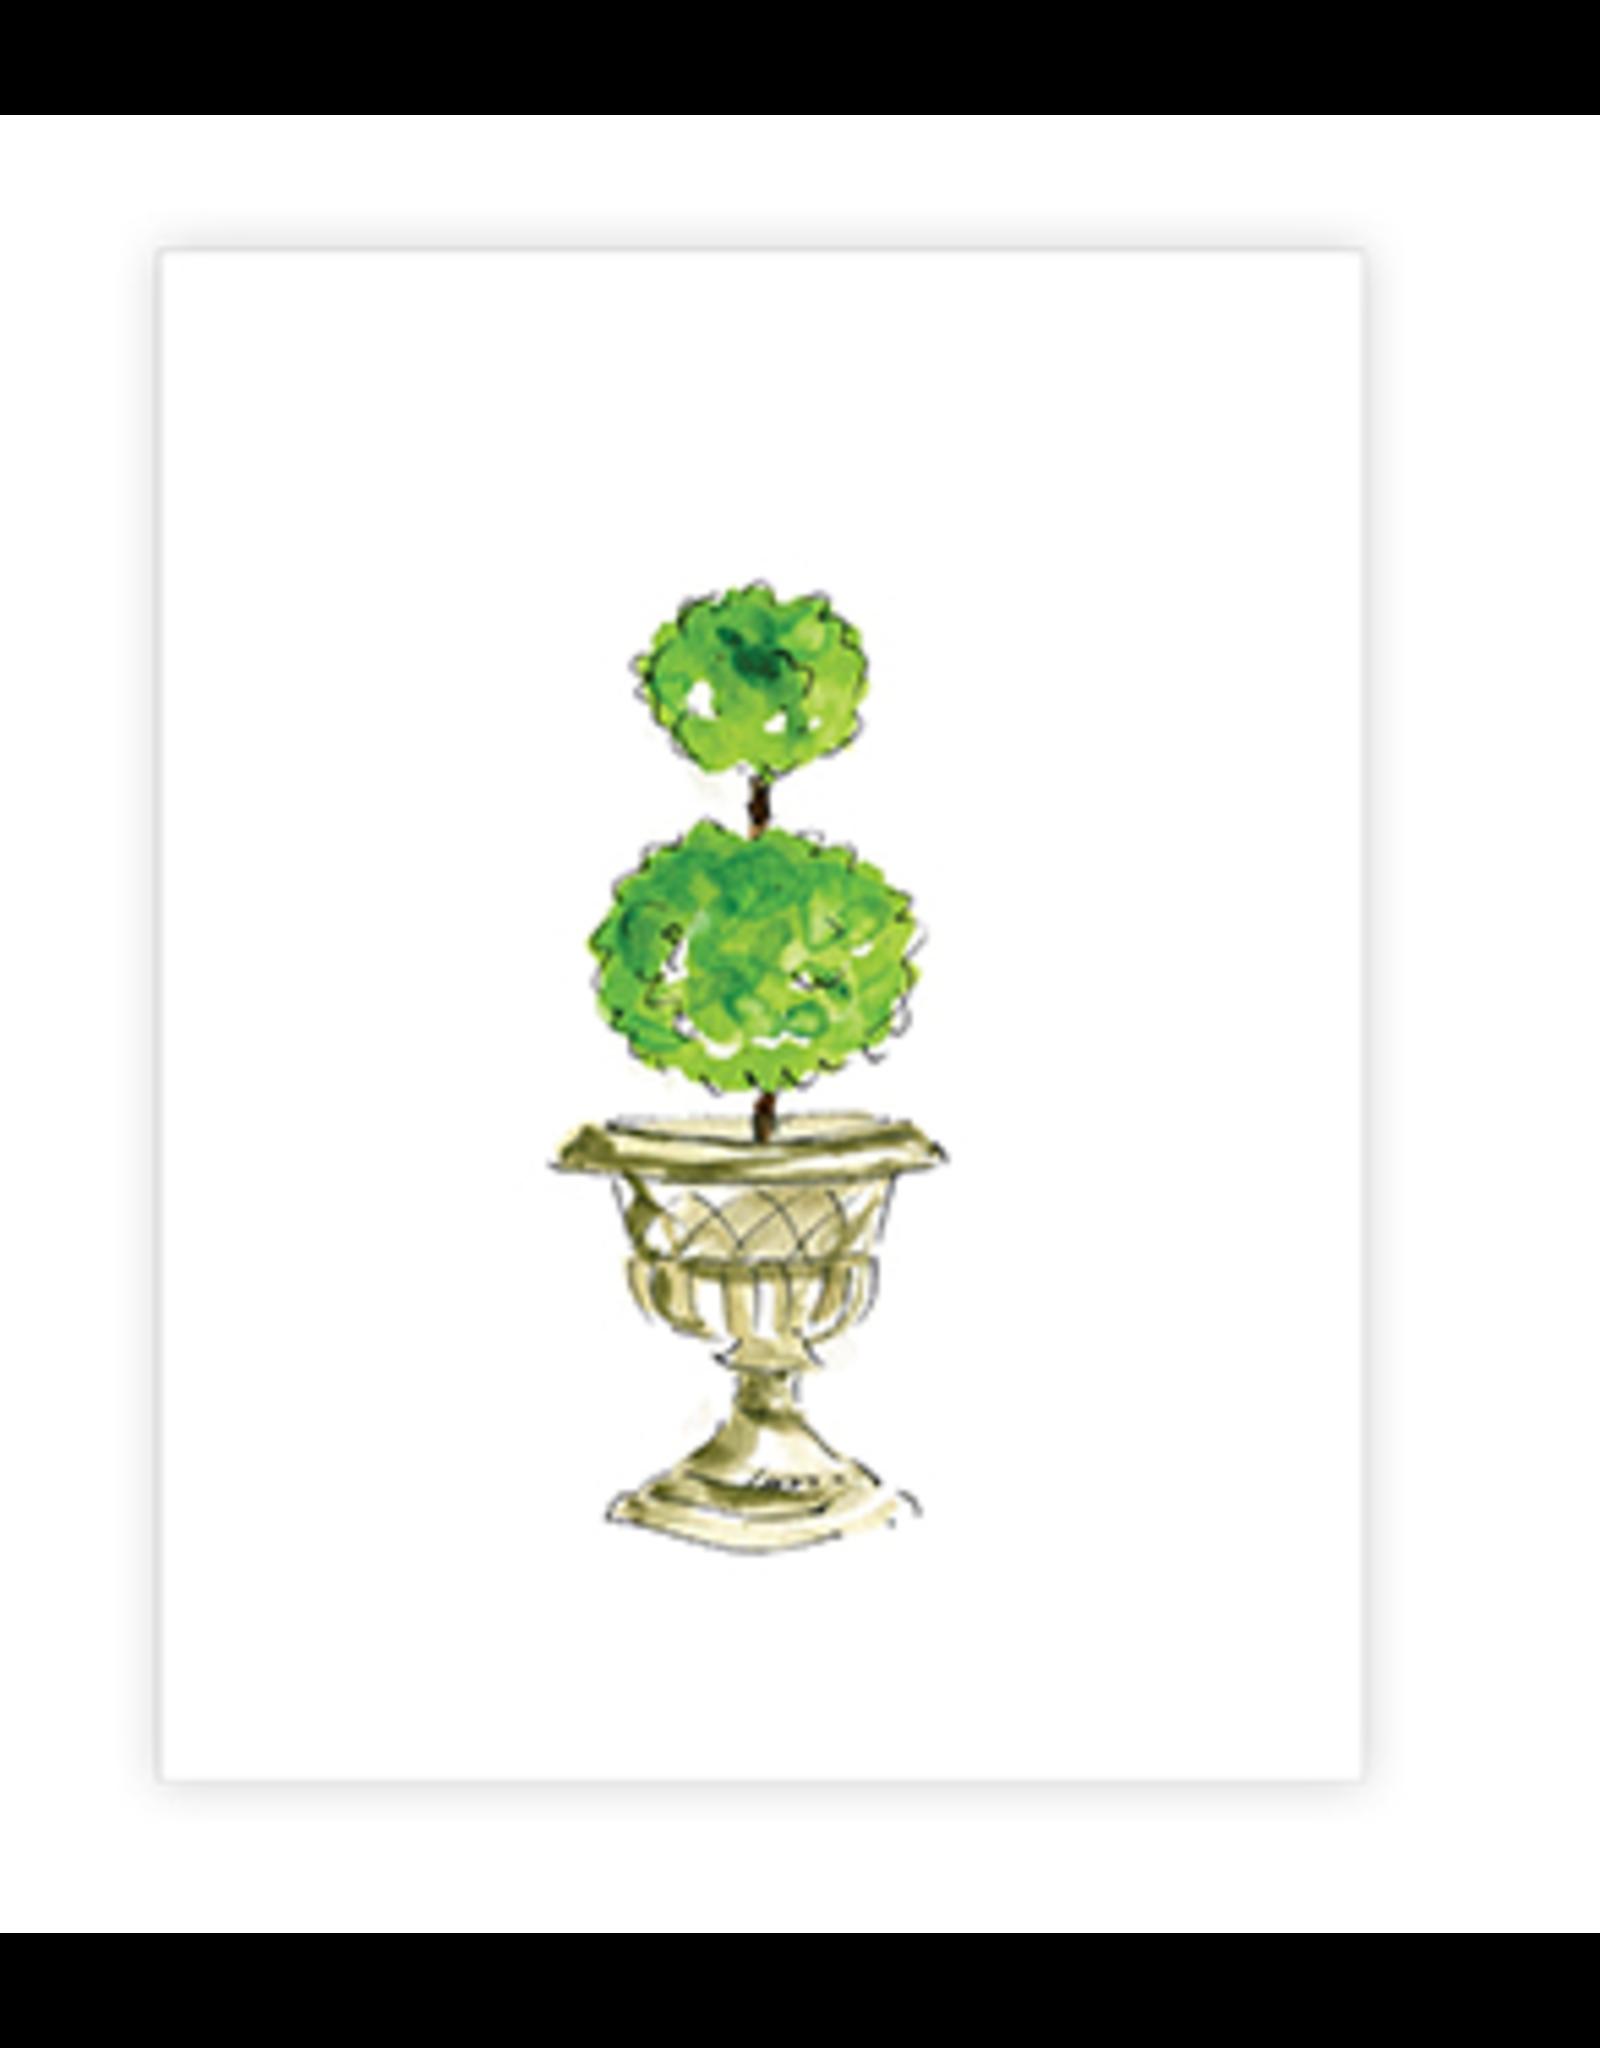 Topiary Stone Urn 8x10